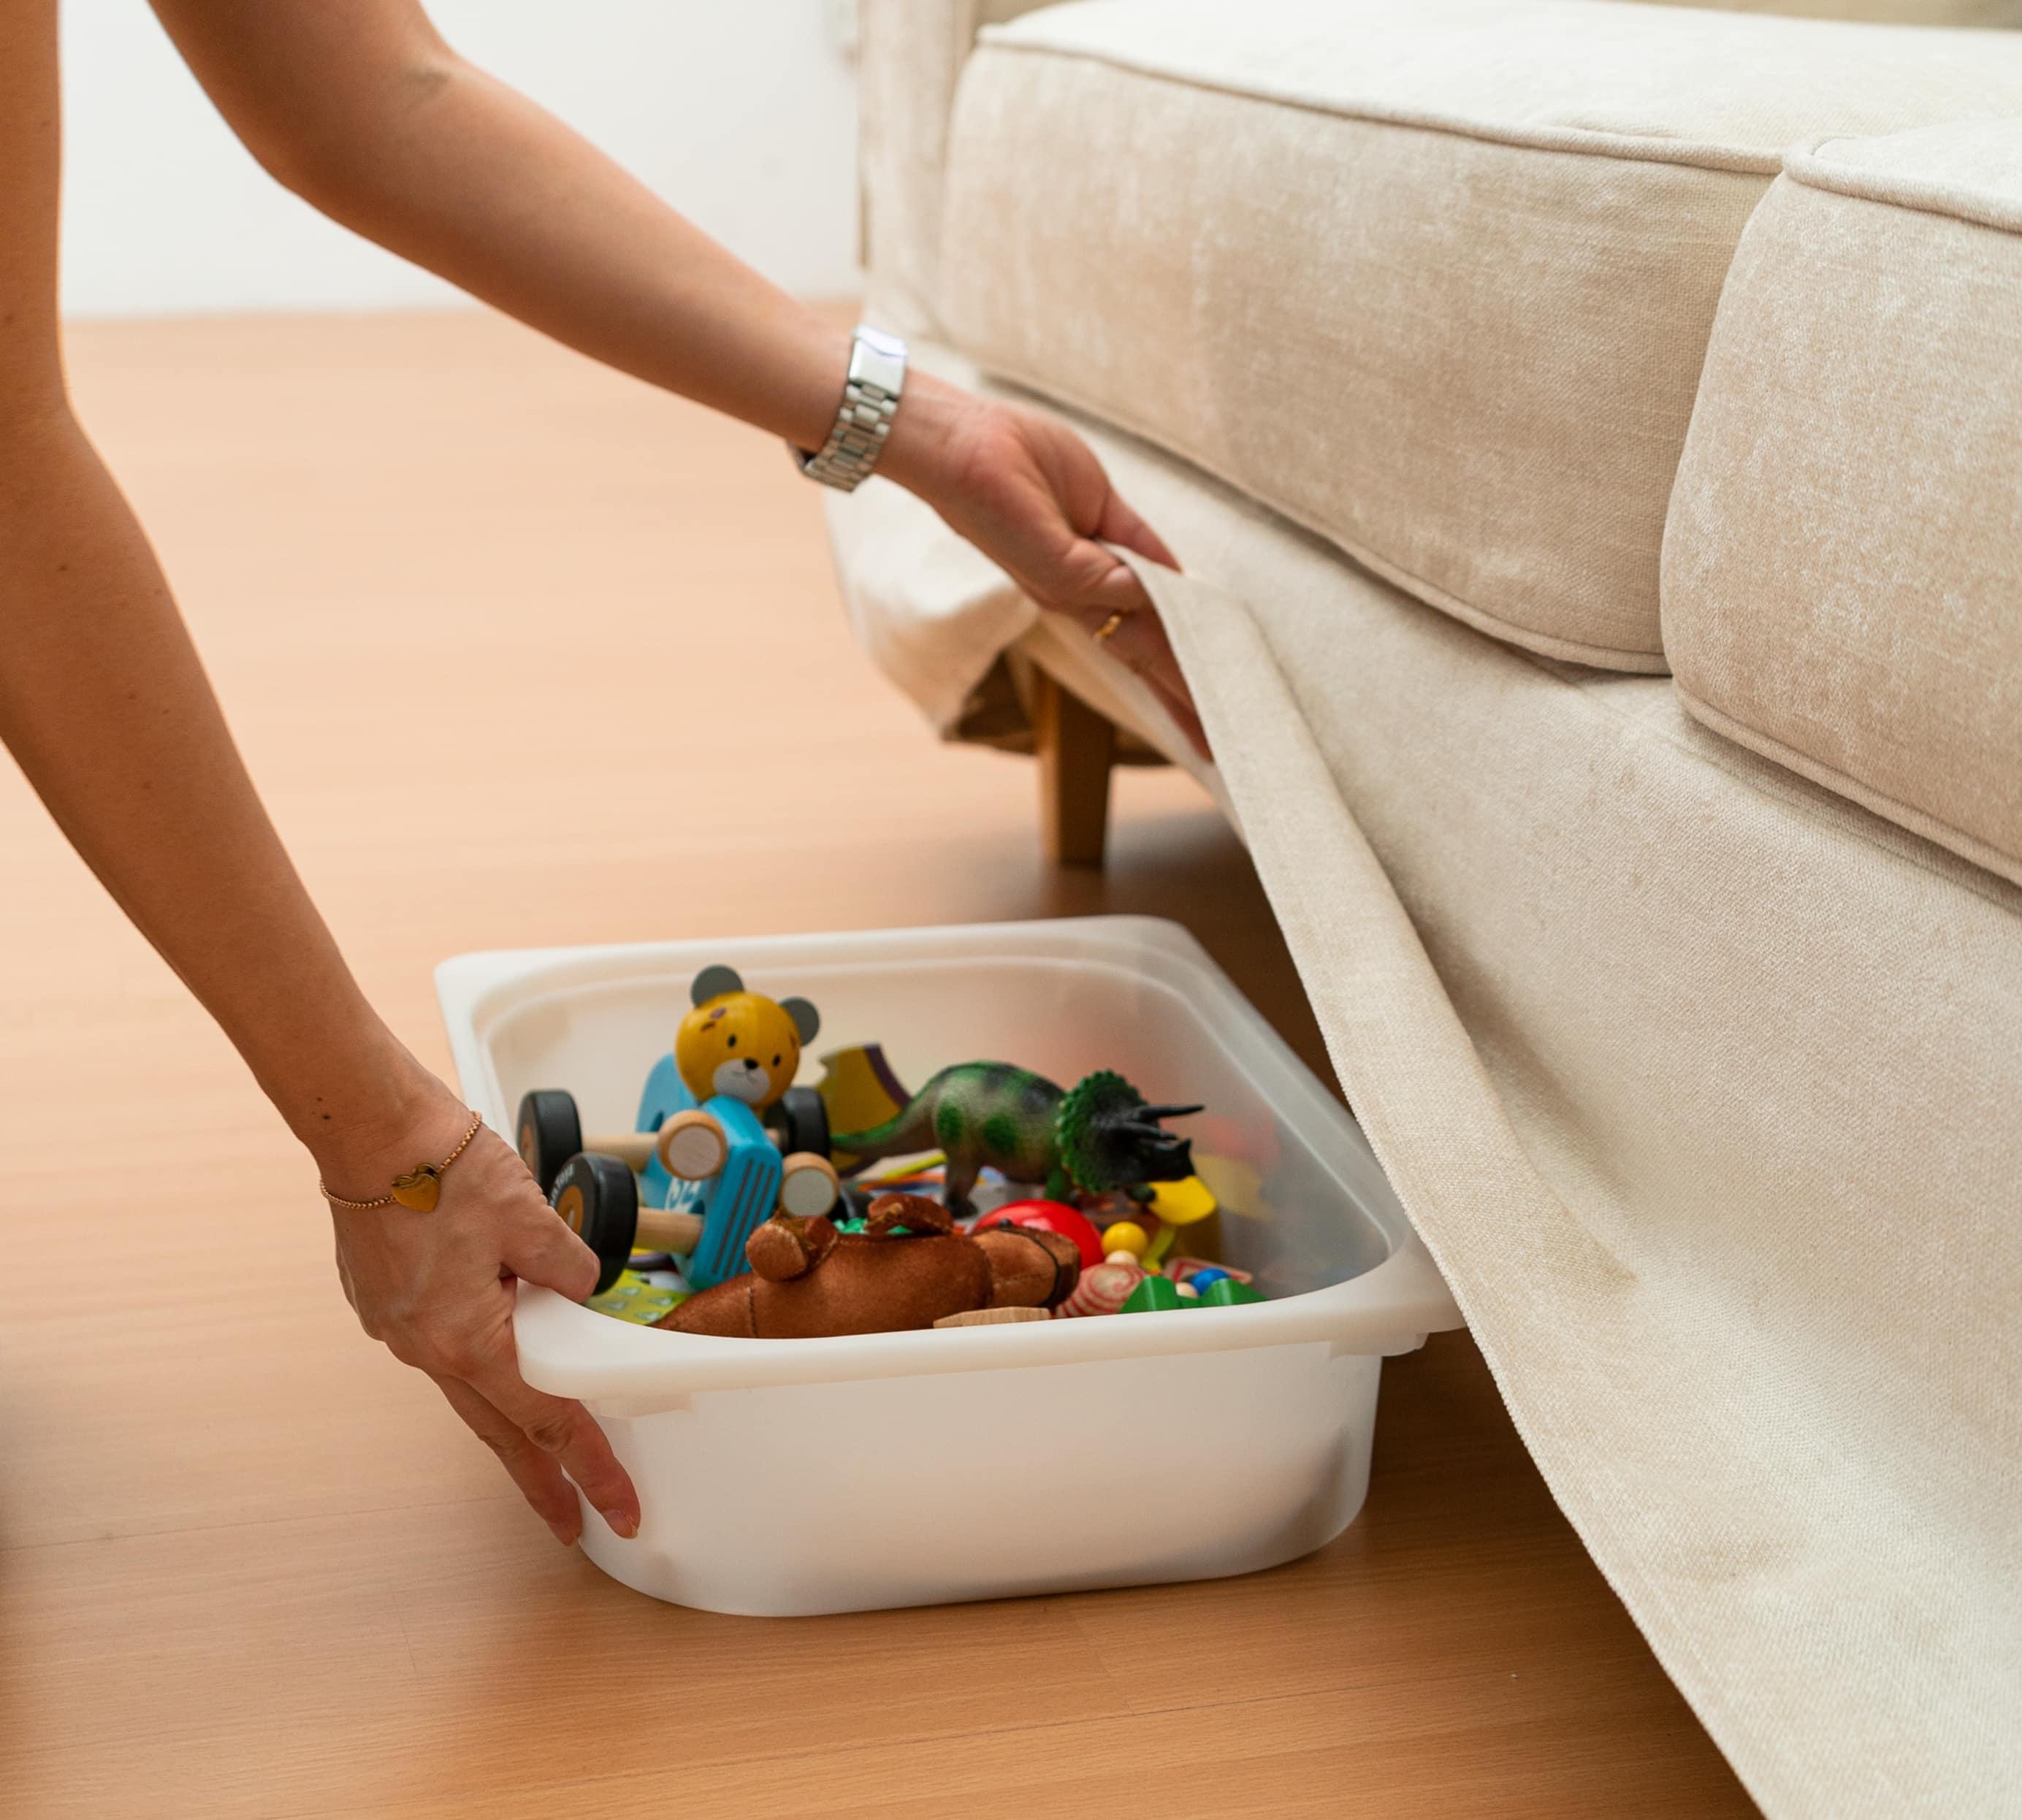 裾長のソファカバーならソファ下が隠れる収納に大変身!日頃のお掃除や整理整頓が簡単になること間違いなし。